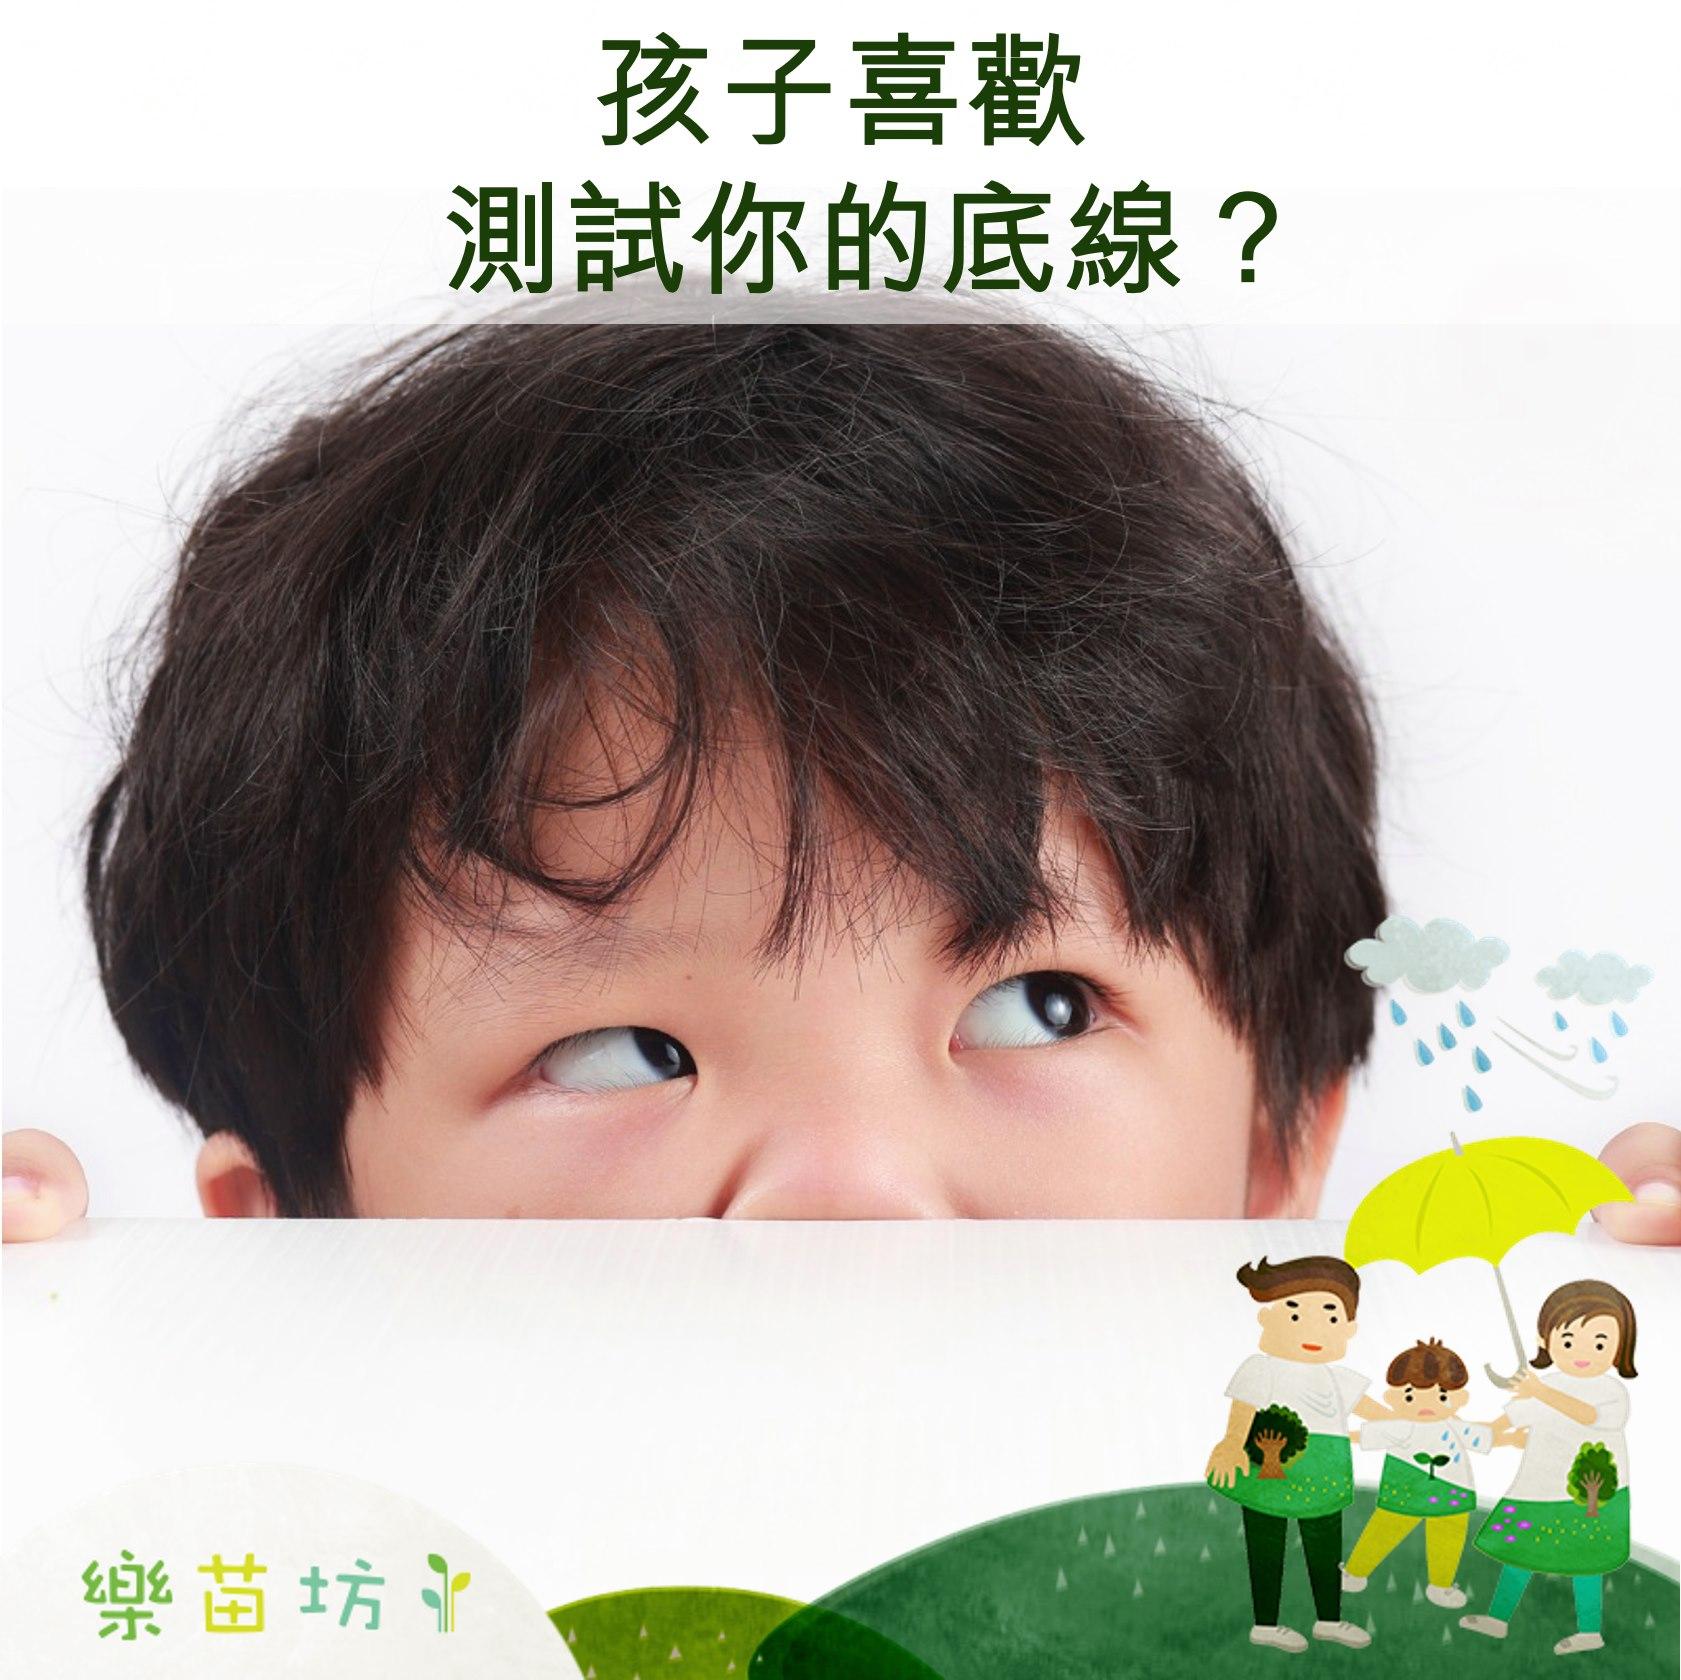 【孩子喜歡測試你的底線嗎?】周婉芬博士(樂苗坊總監及註冊心理學家)  孩子都有不聽話的時候,以證明有自己的想法及自主權。